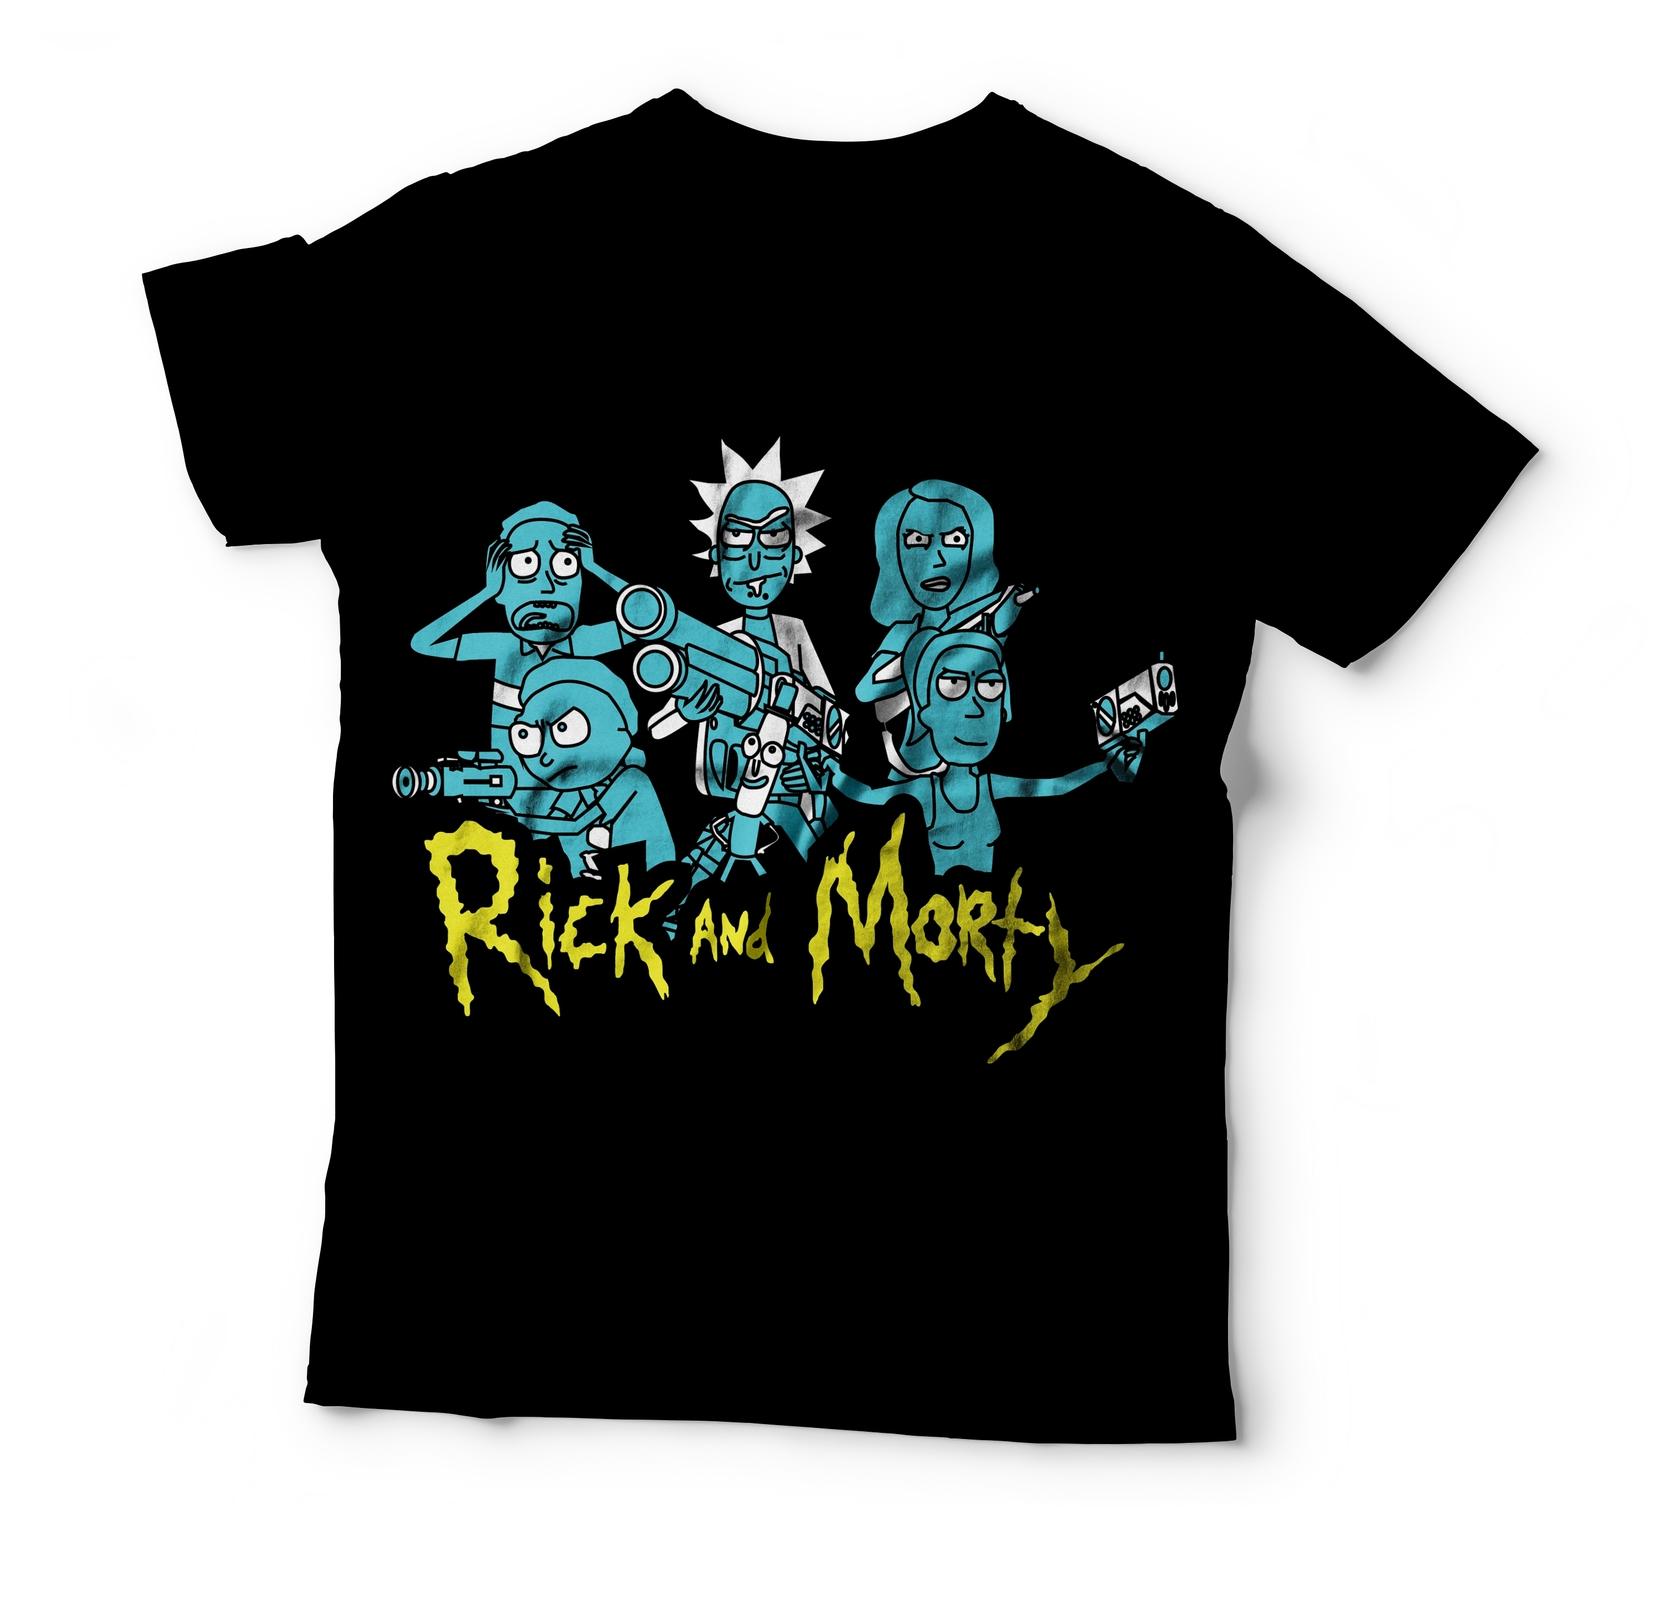 Rick and morty shirt.jpg